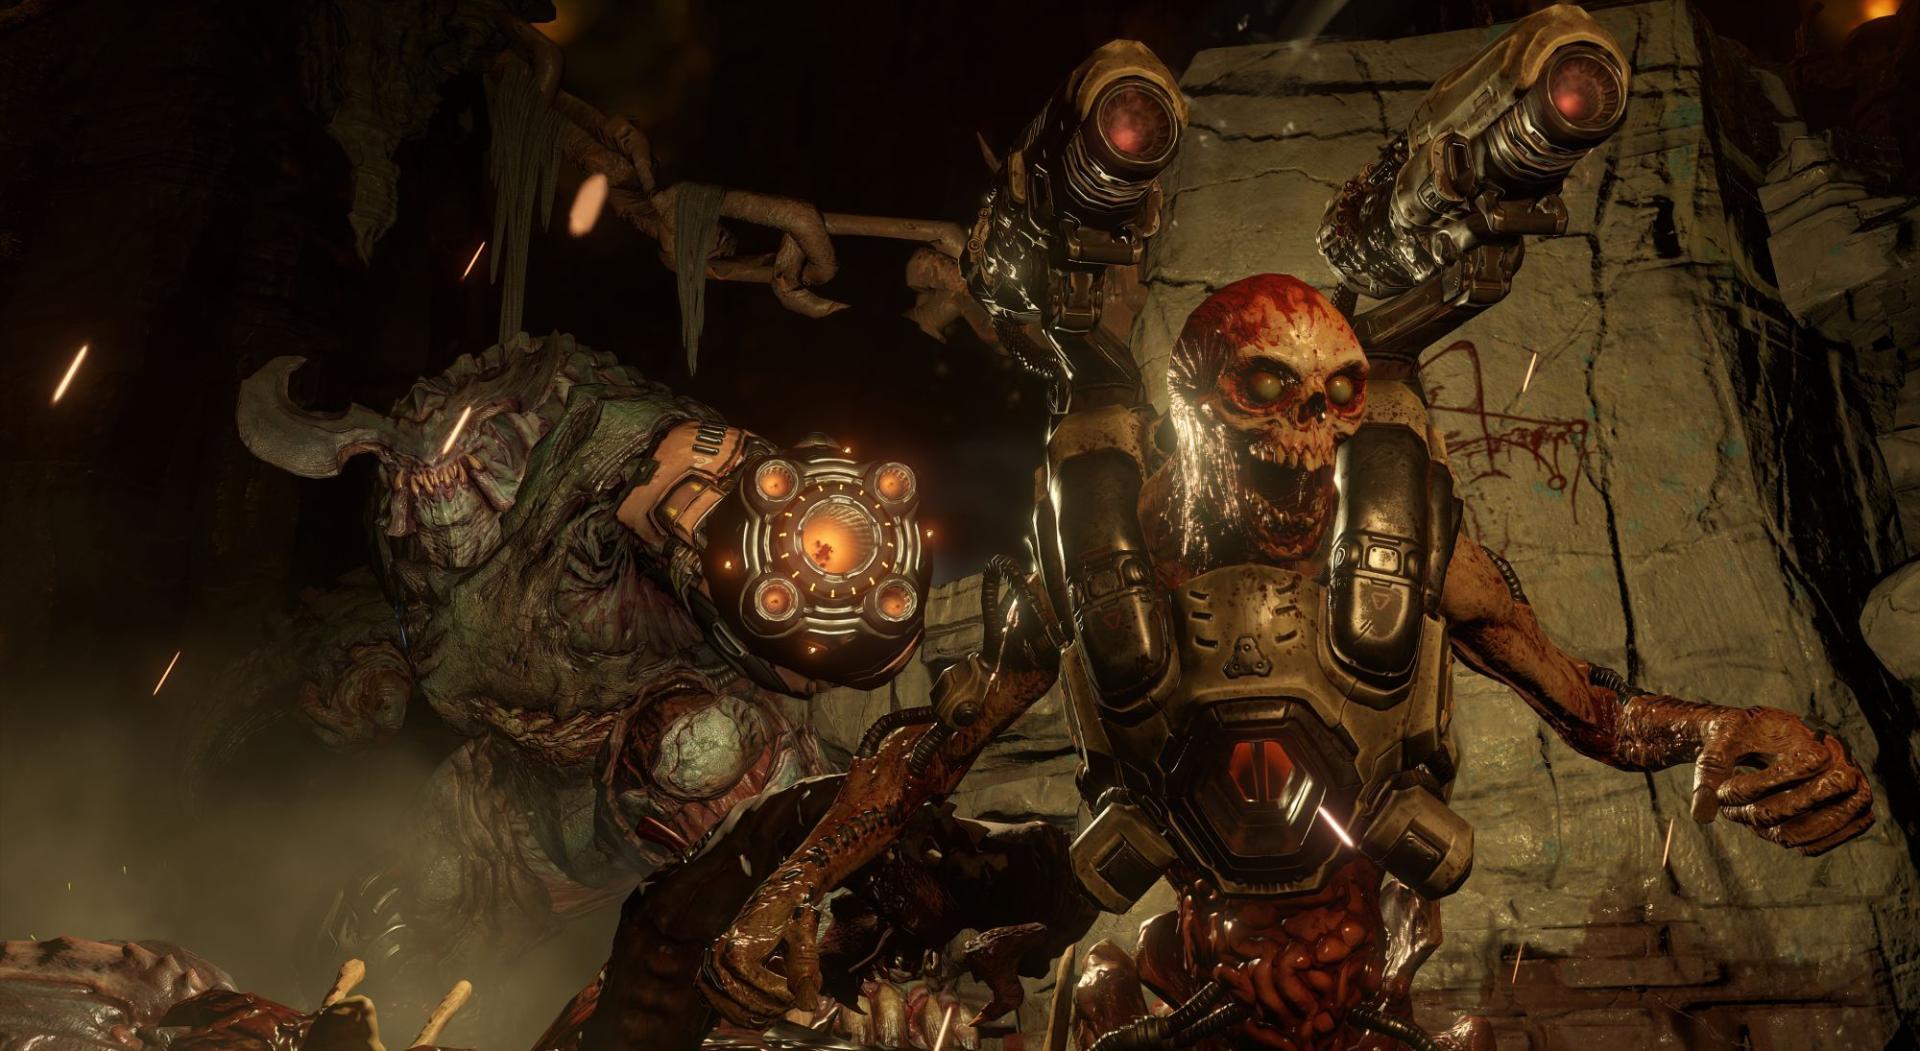 2016-ban játszhatunk a következő Doom-játékkal